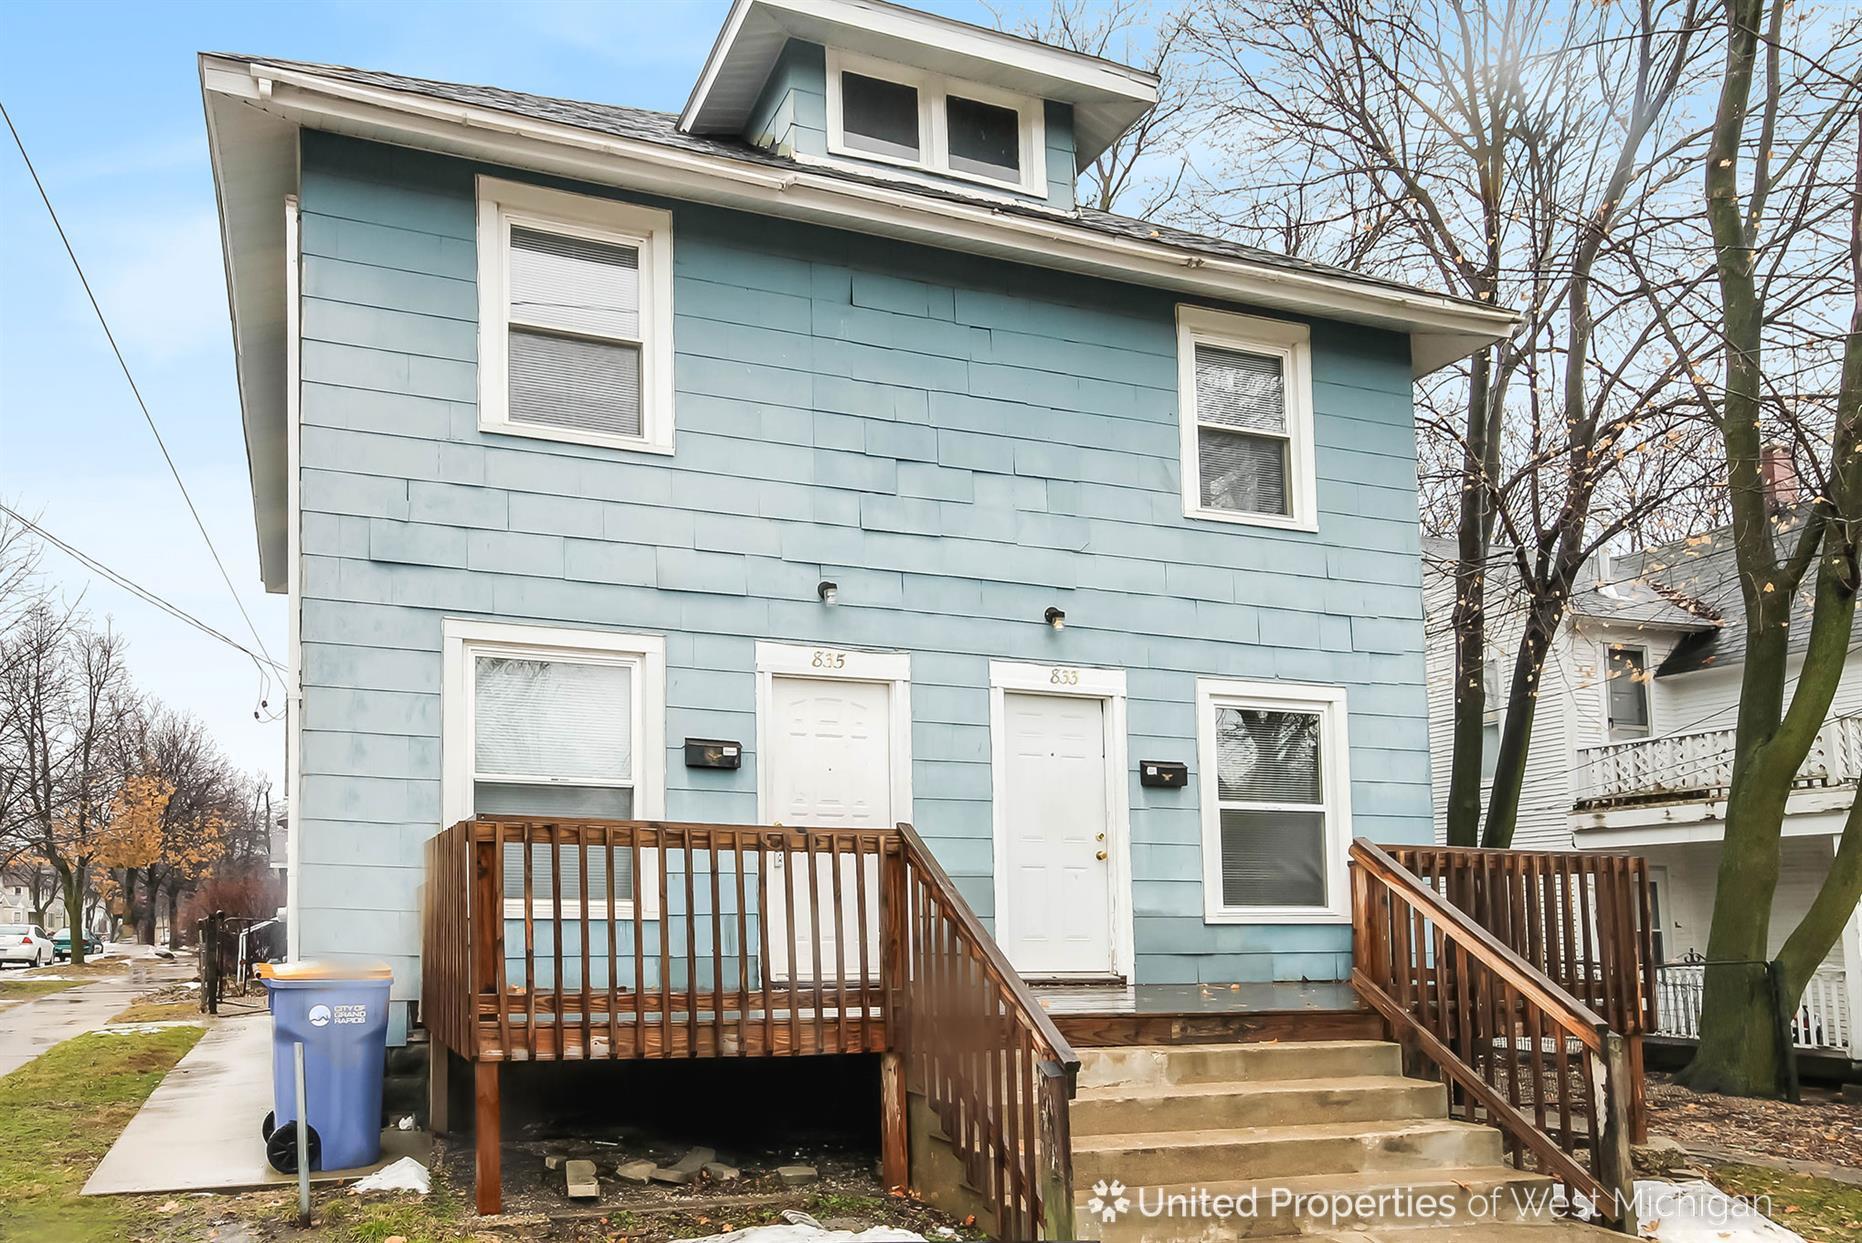 835 9th St NW, Grand Rapids, MI 49504 For Rent   Trulia